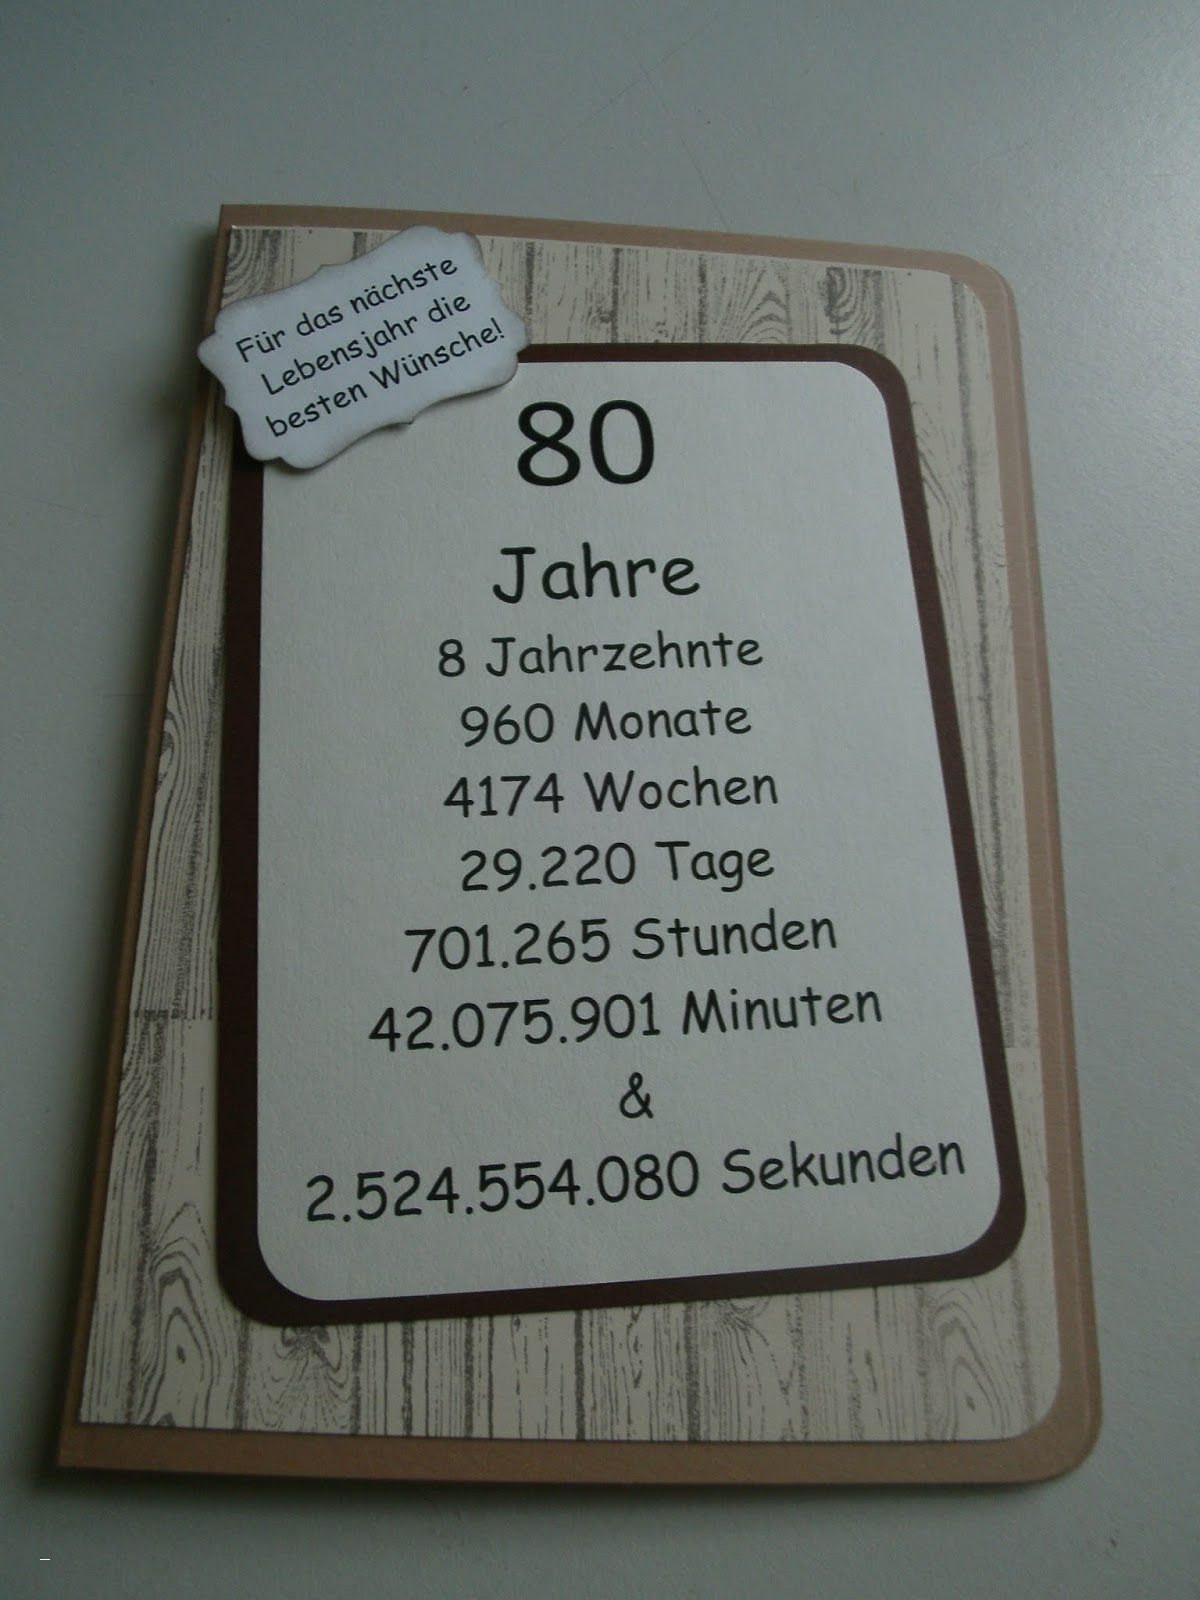 Happy Birthday Zum Ausdrucken Genial Einladungskarten Selbst Ausdrucken Unglaublich Happy Birthday Karte Galerie